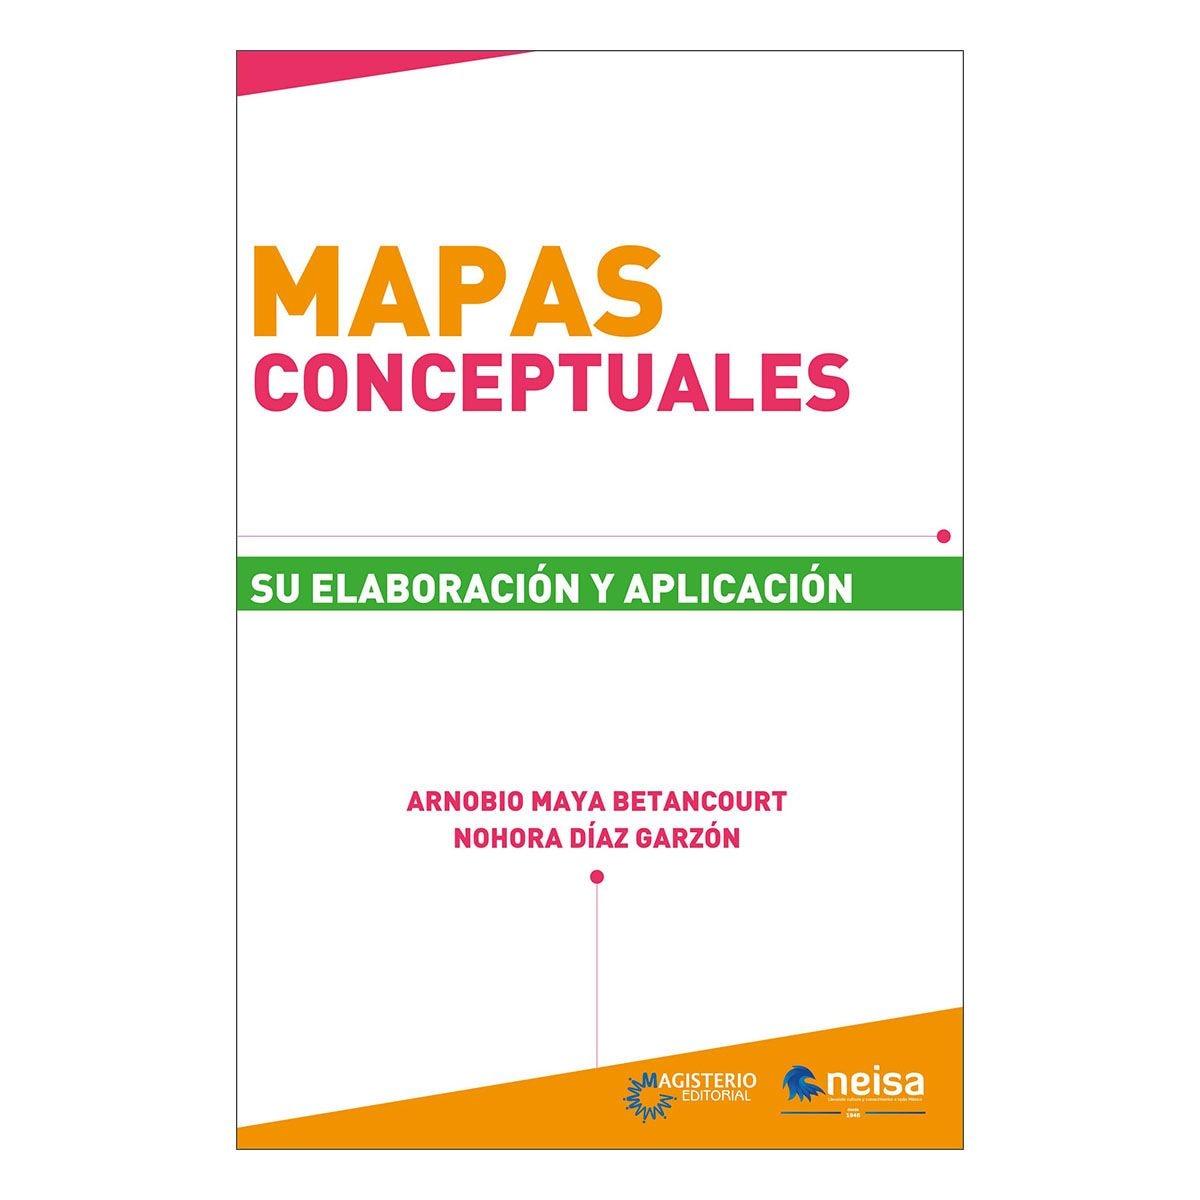 Mapas conceptuales